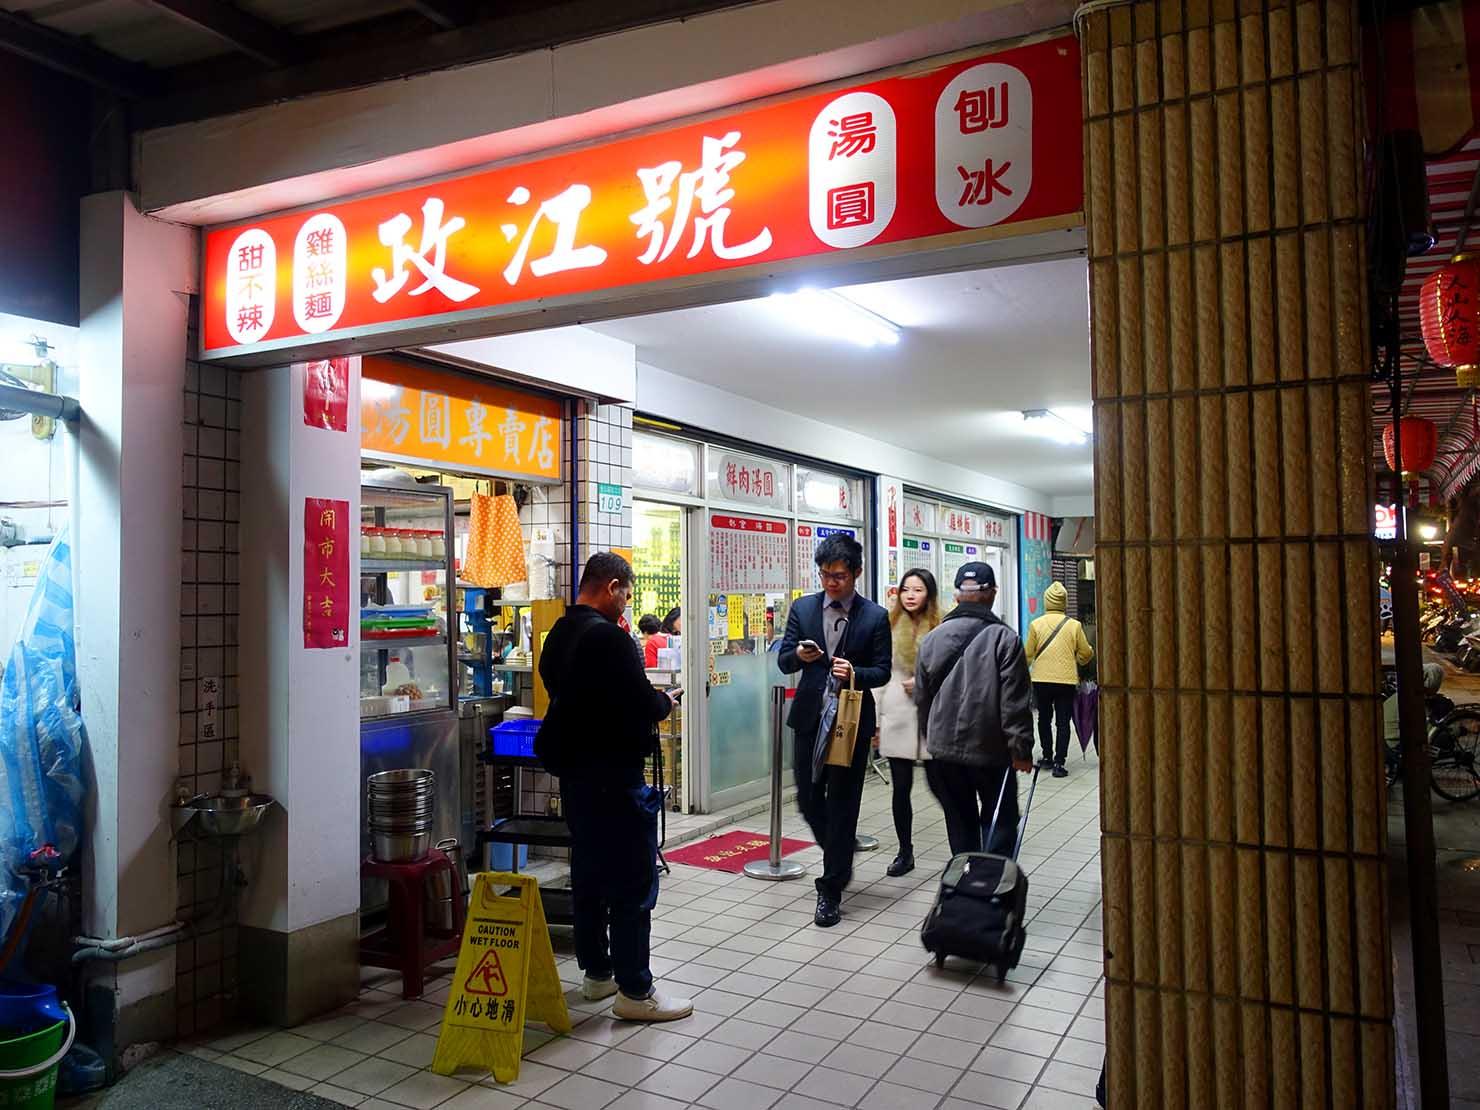 台北・東門のおすすめグルメ店「政江號」の外観